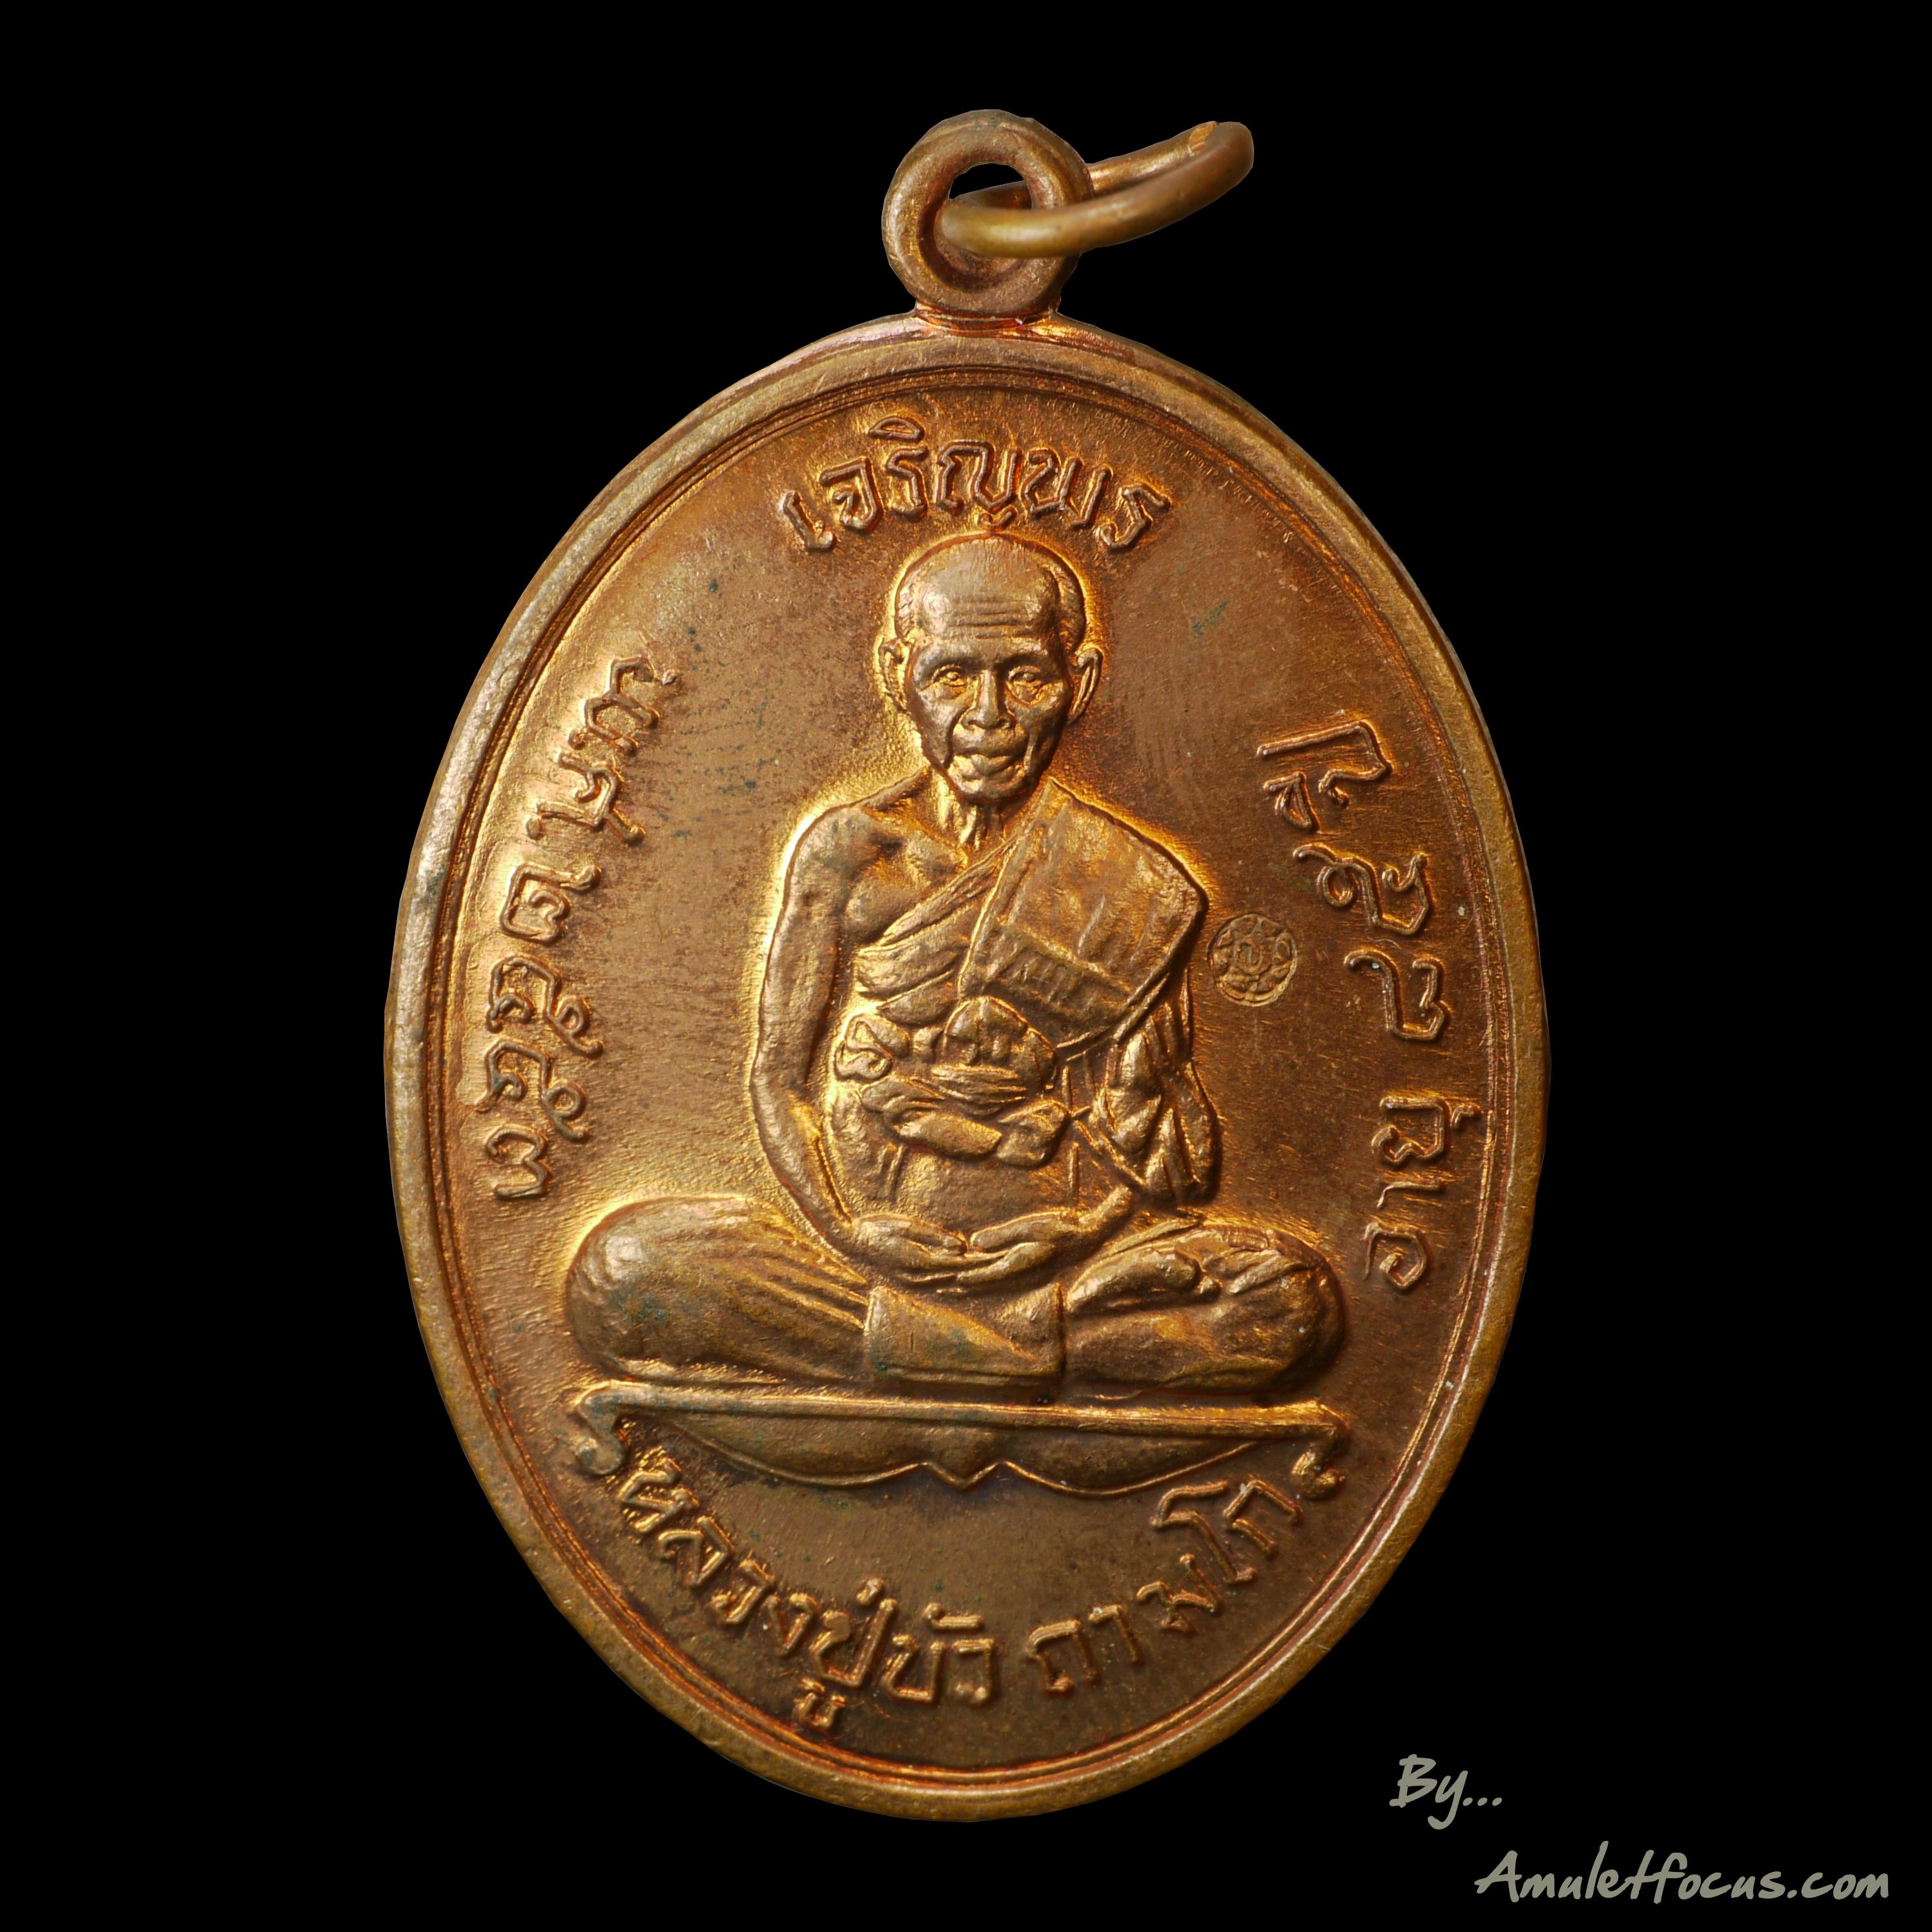 เหรียญเจริญพร บน พิมพ์เต็มองค์ หลวงปู่บัว ถามโก วัดเกาะตะเคียน ออกปี ๕๓ เนื้อทองแดง  หมายเลข ๓๕๔๑